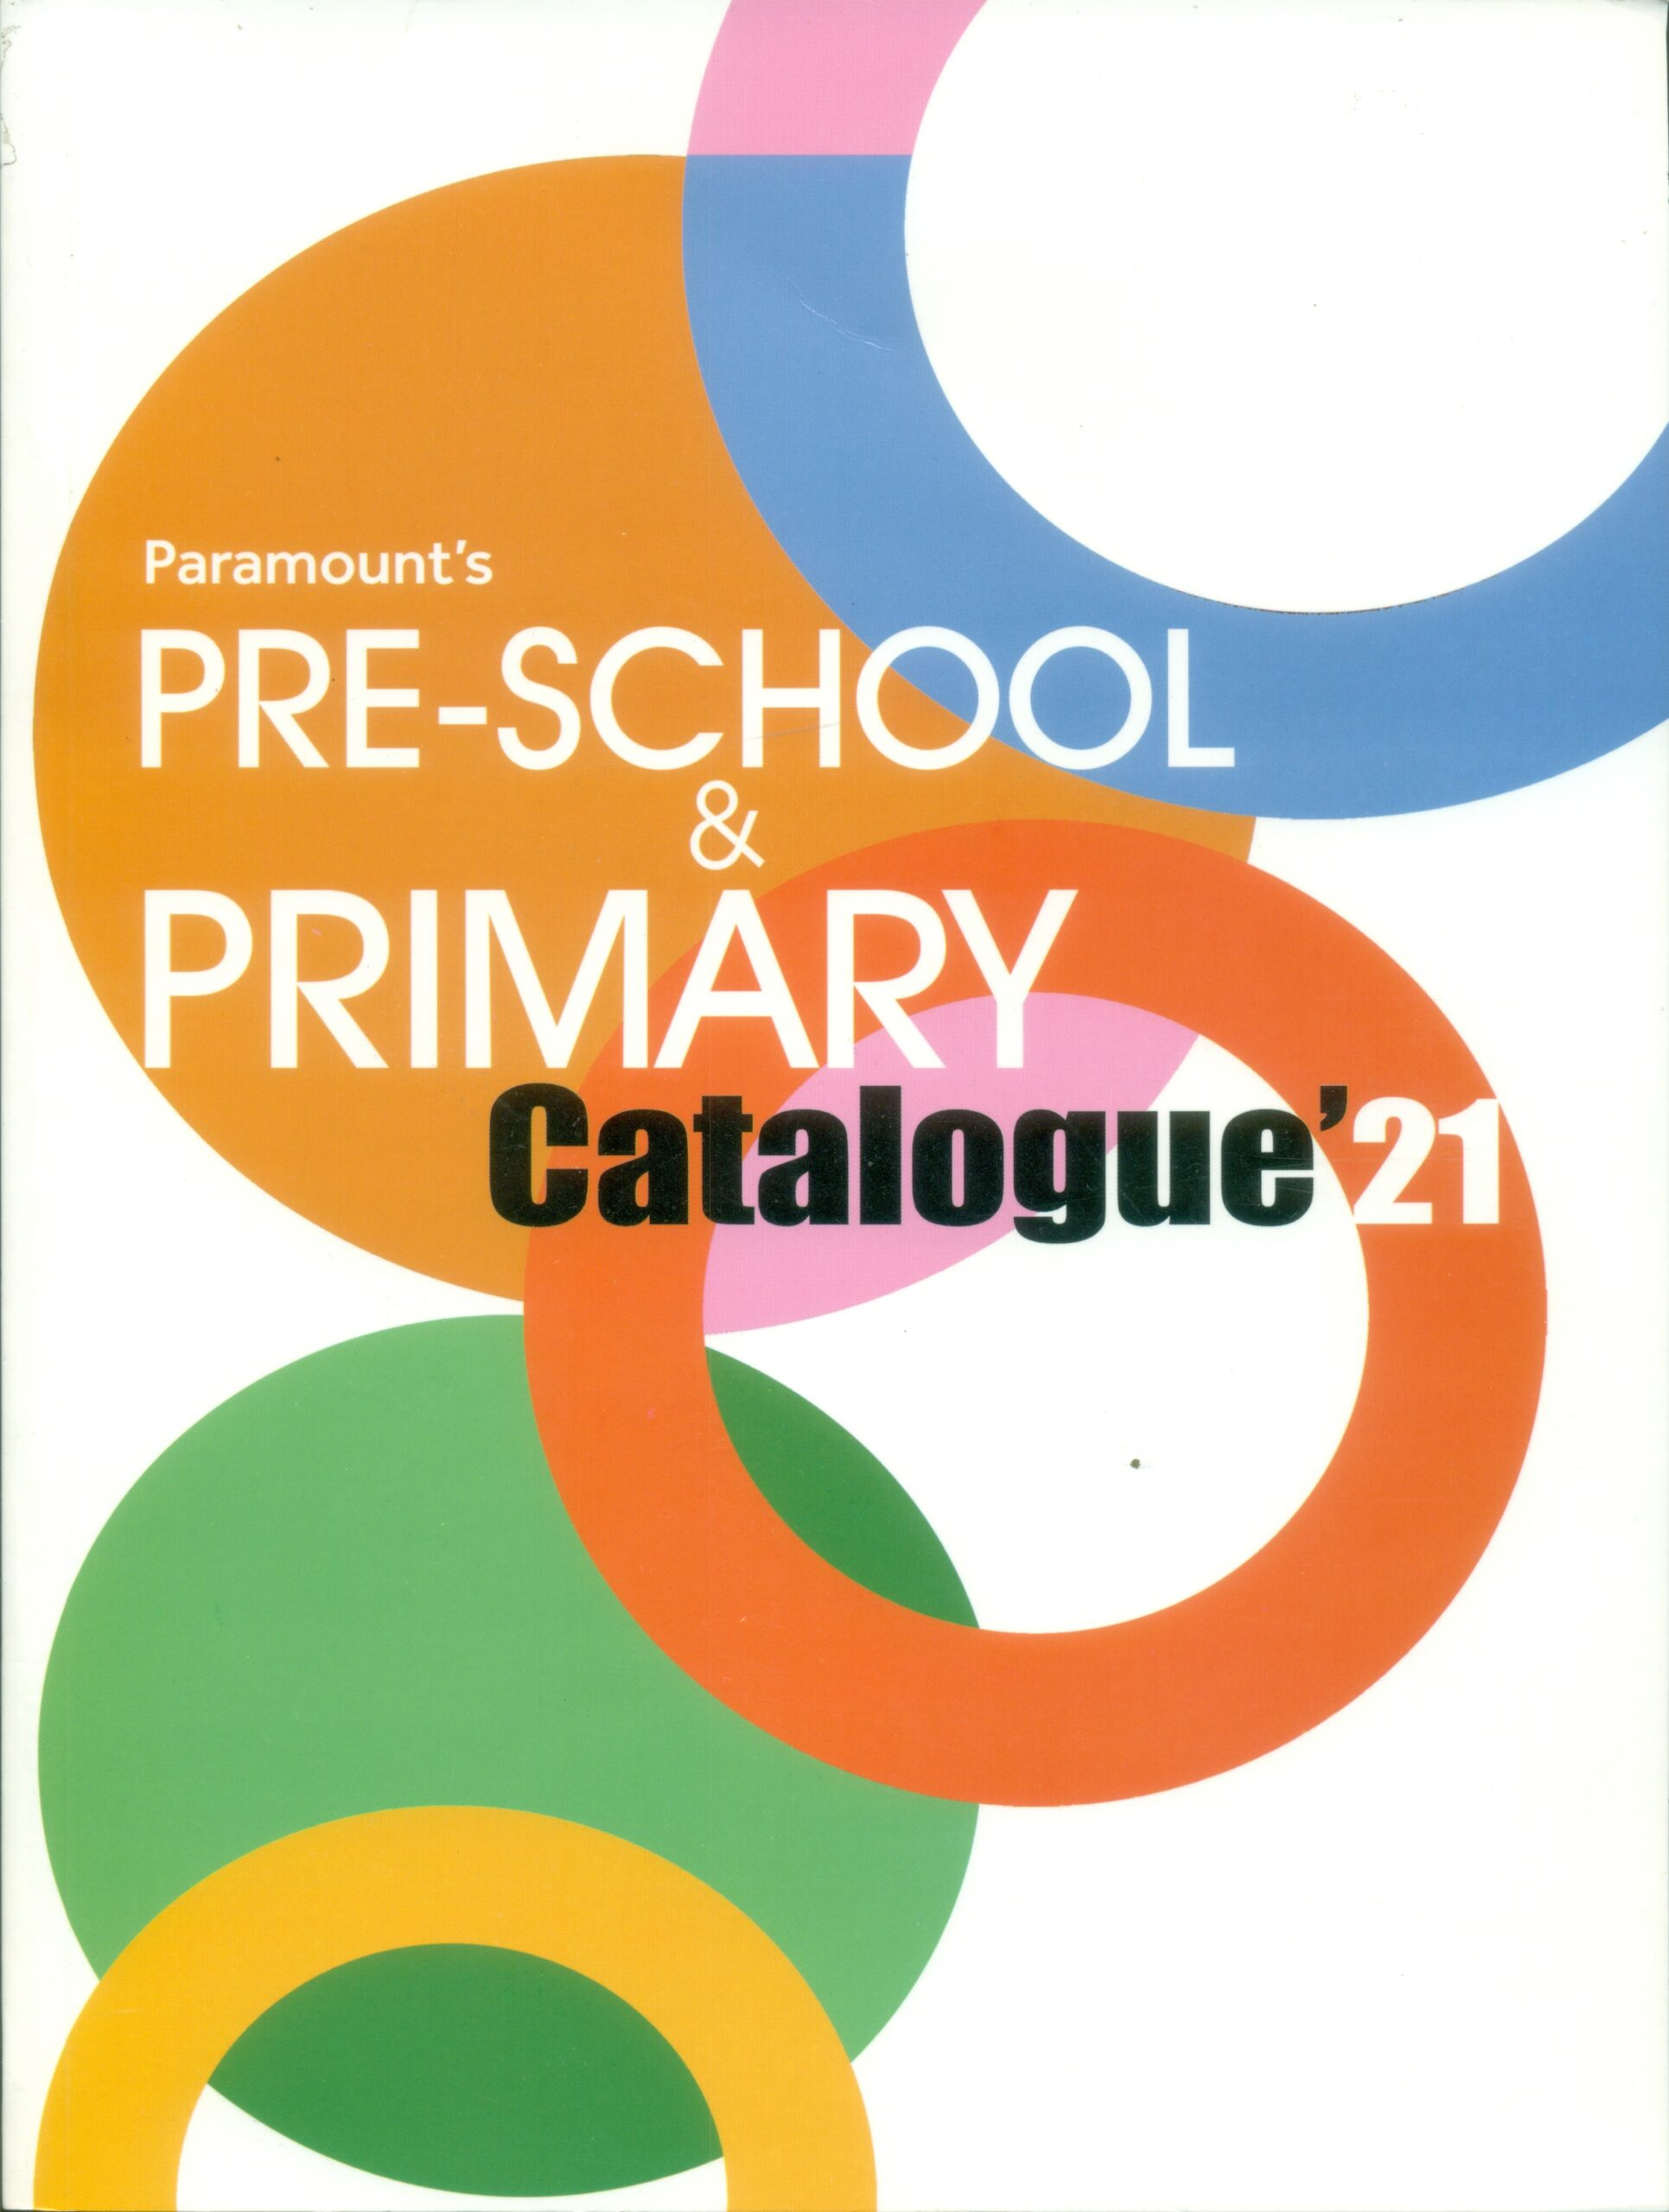 Pre-School & Primary Catalogue 21